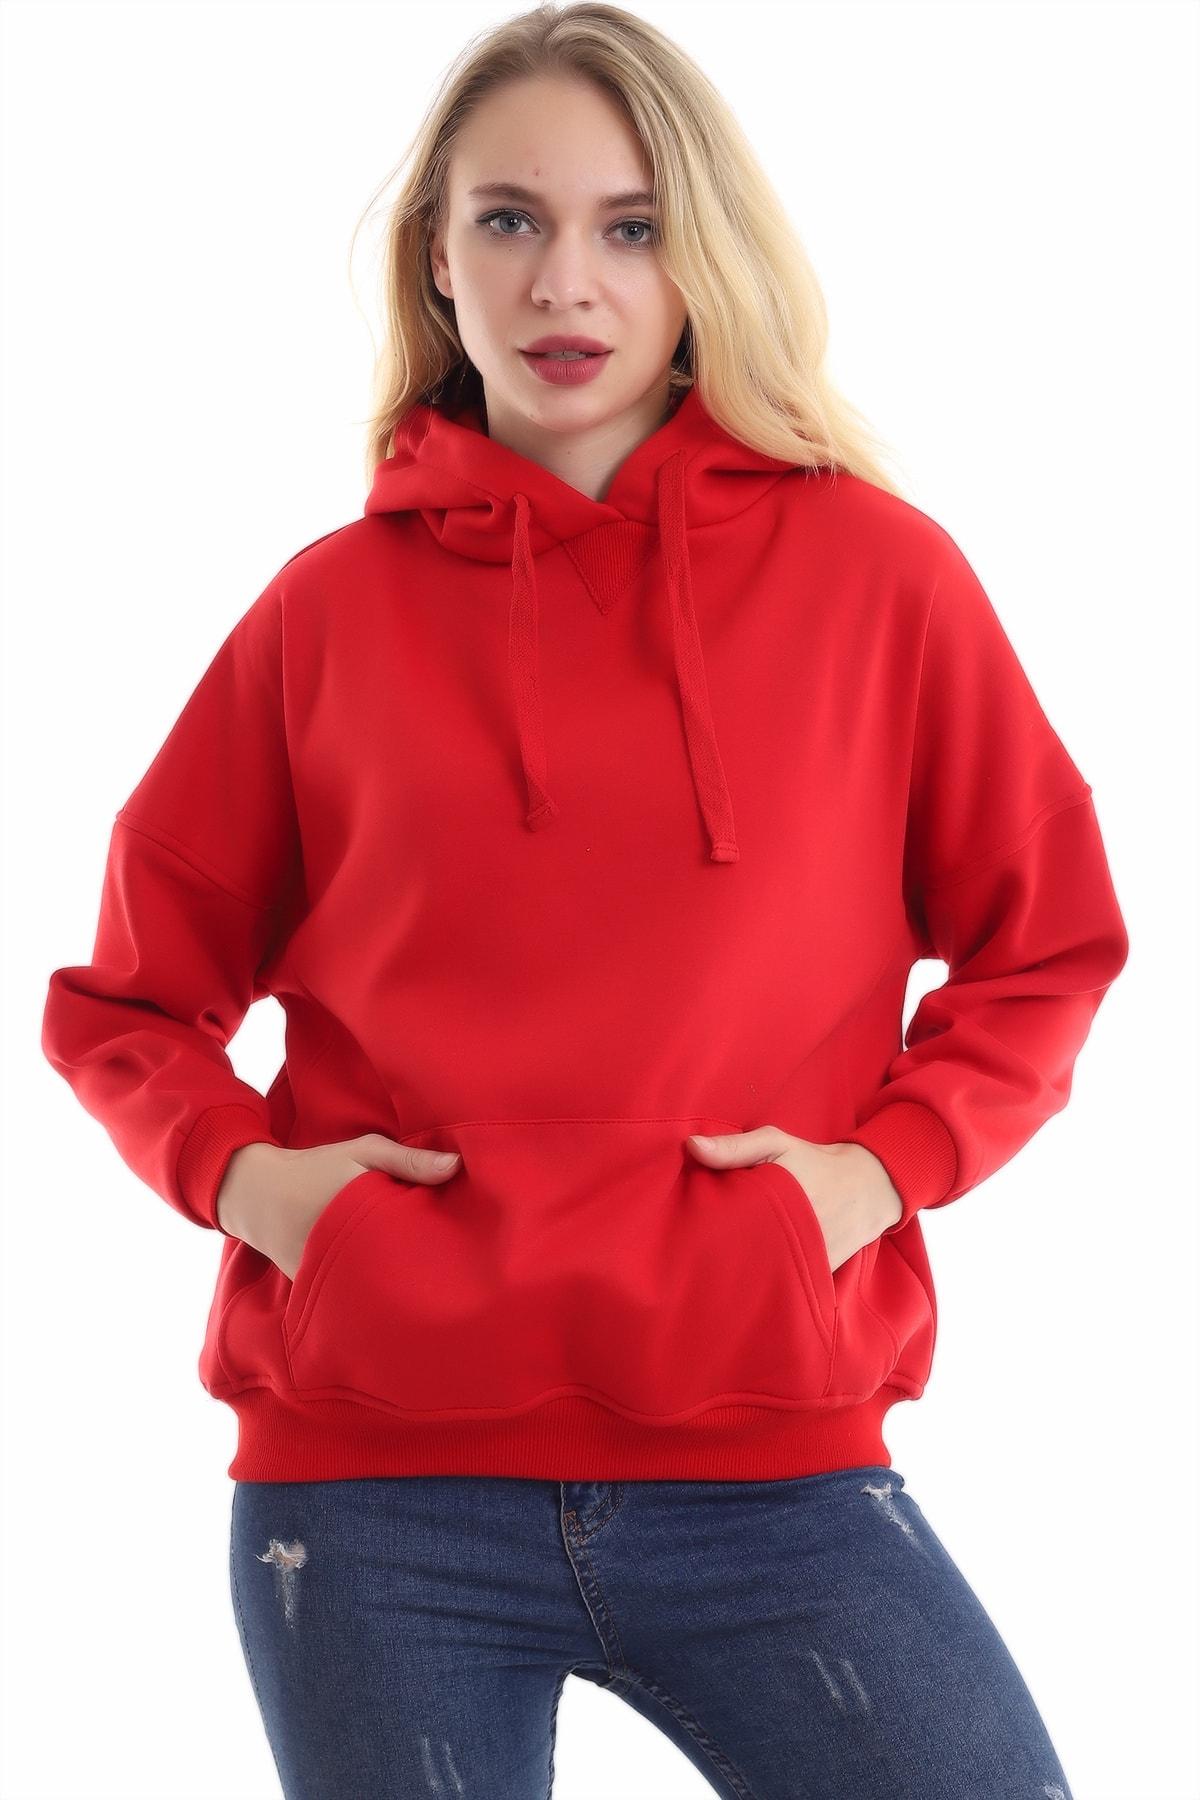 boffin Kadın Kırmızı İçi Pamuklu Oversize Sweatshirt 1